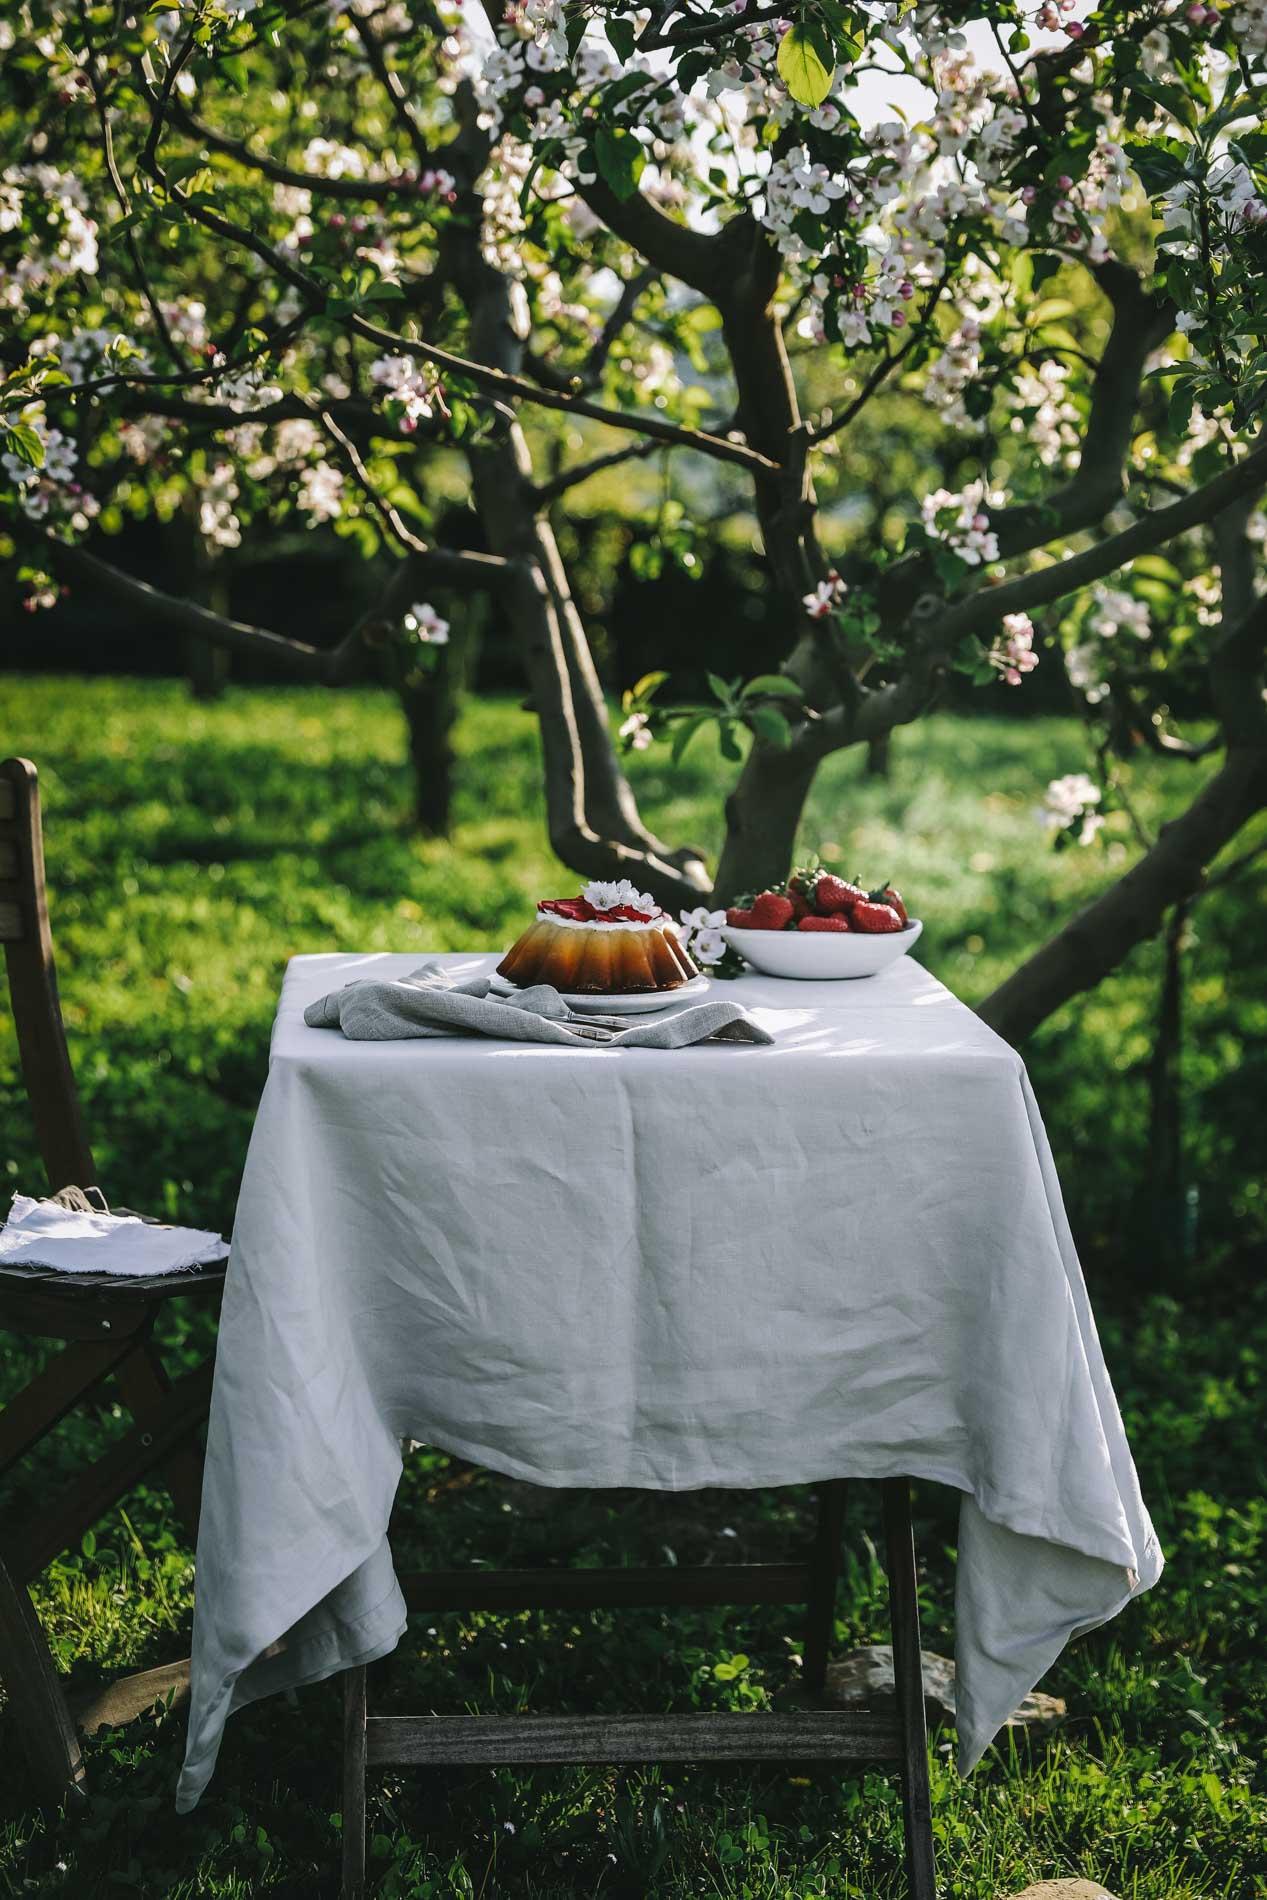 Na? Auch Lust auf einen Kuchen beim Camping im Piemont?